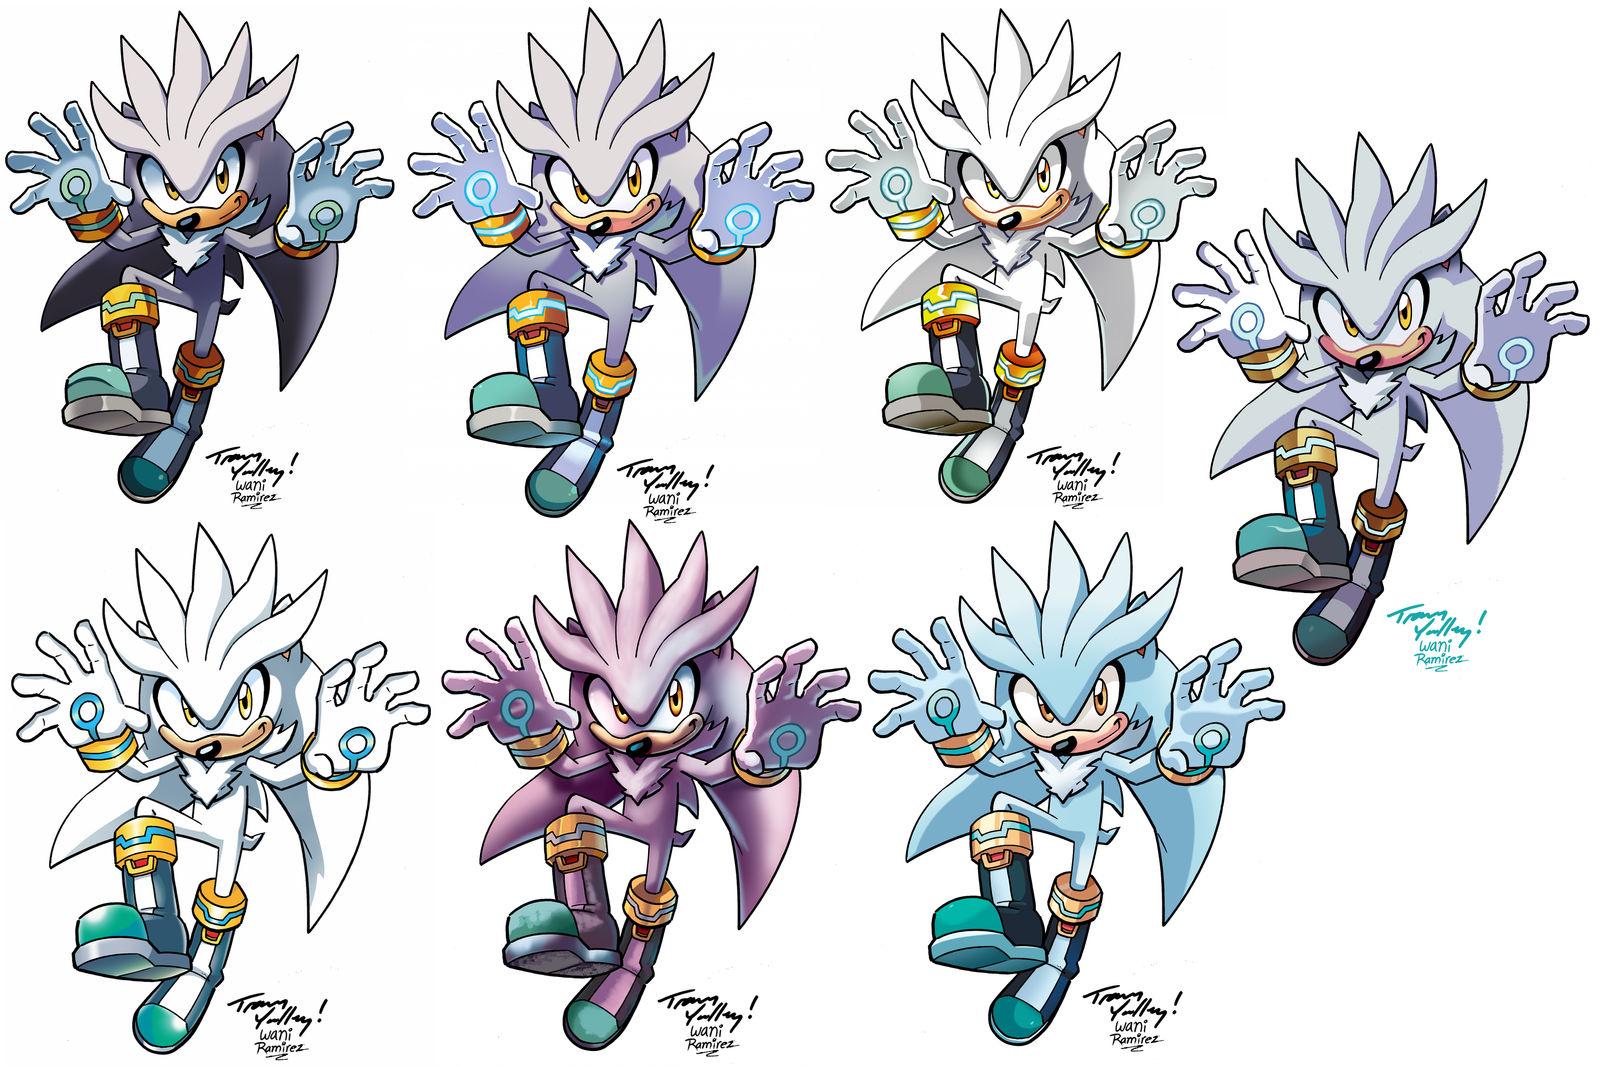 Yardley's Silver the Hedgehog